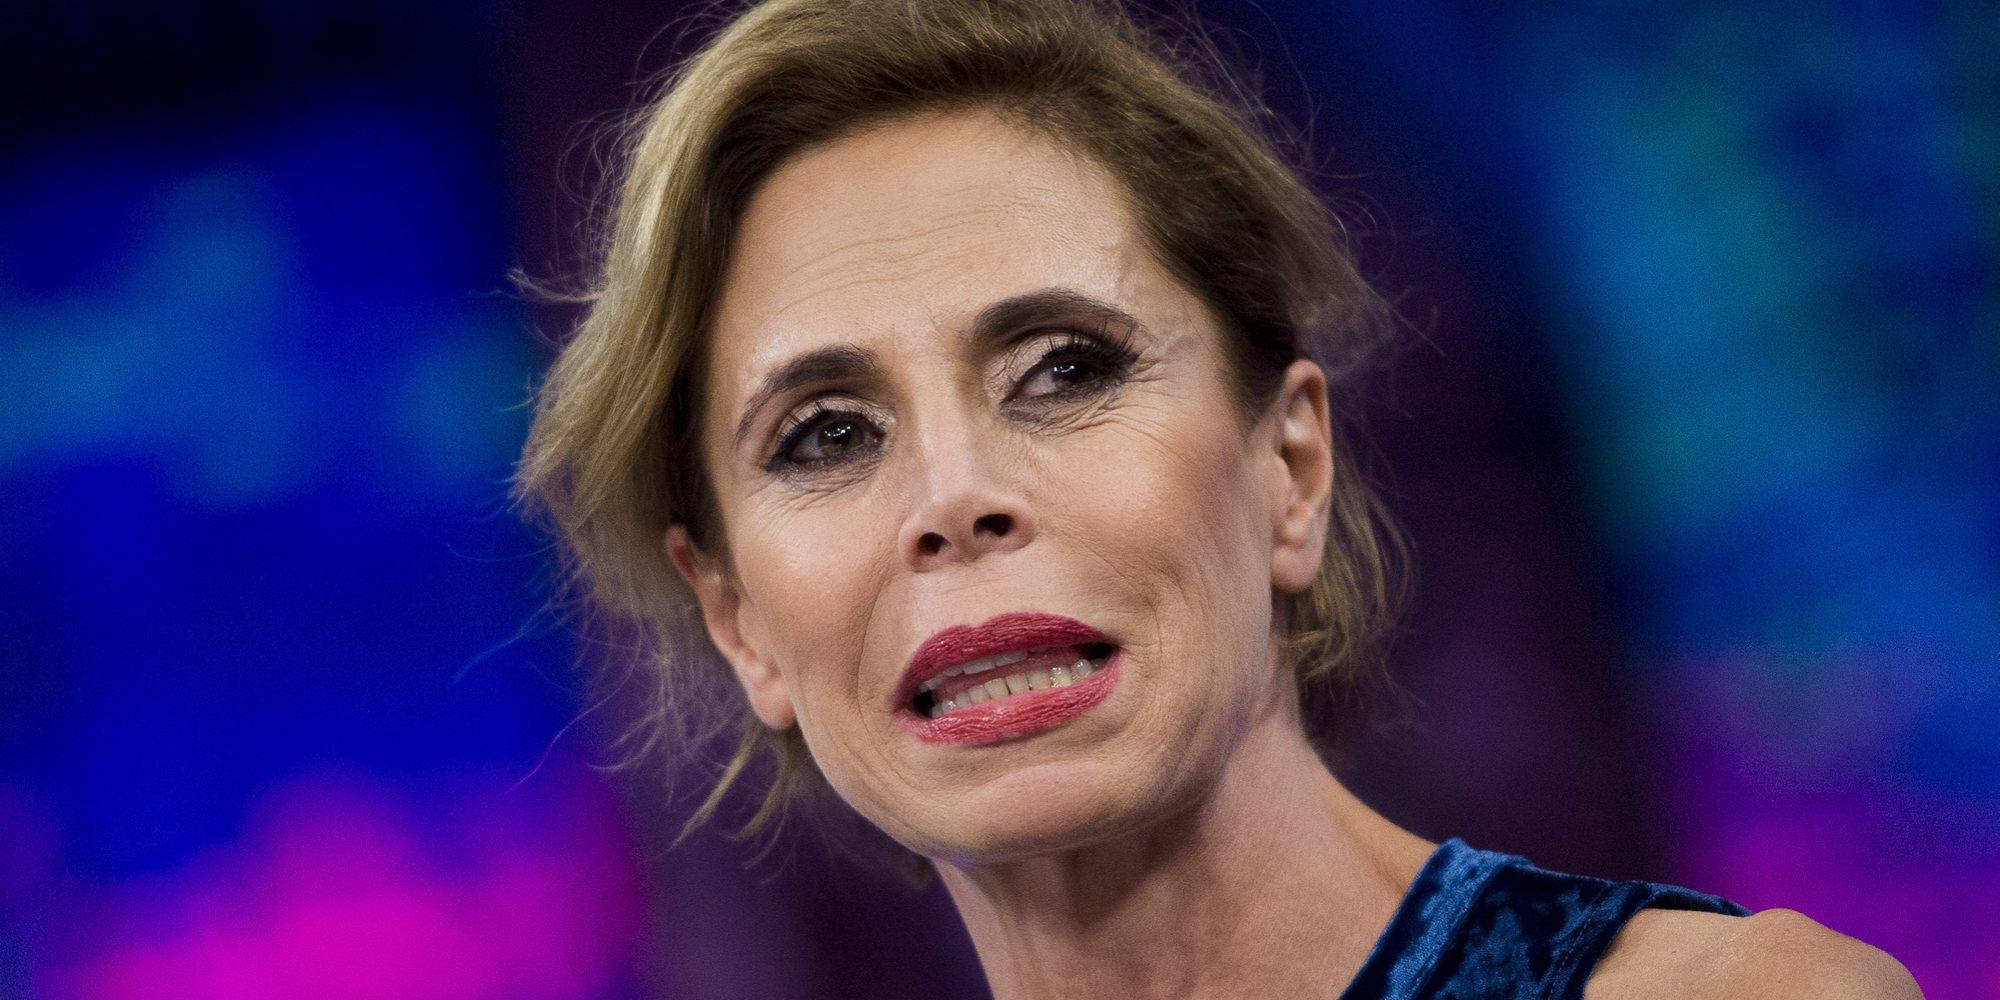 """Ágatha Ruiz de la Prada desmiente los rumores de ruptura con El Chatarrero: """"Está todo fenomenal"""""""